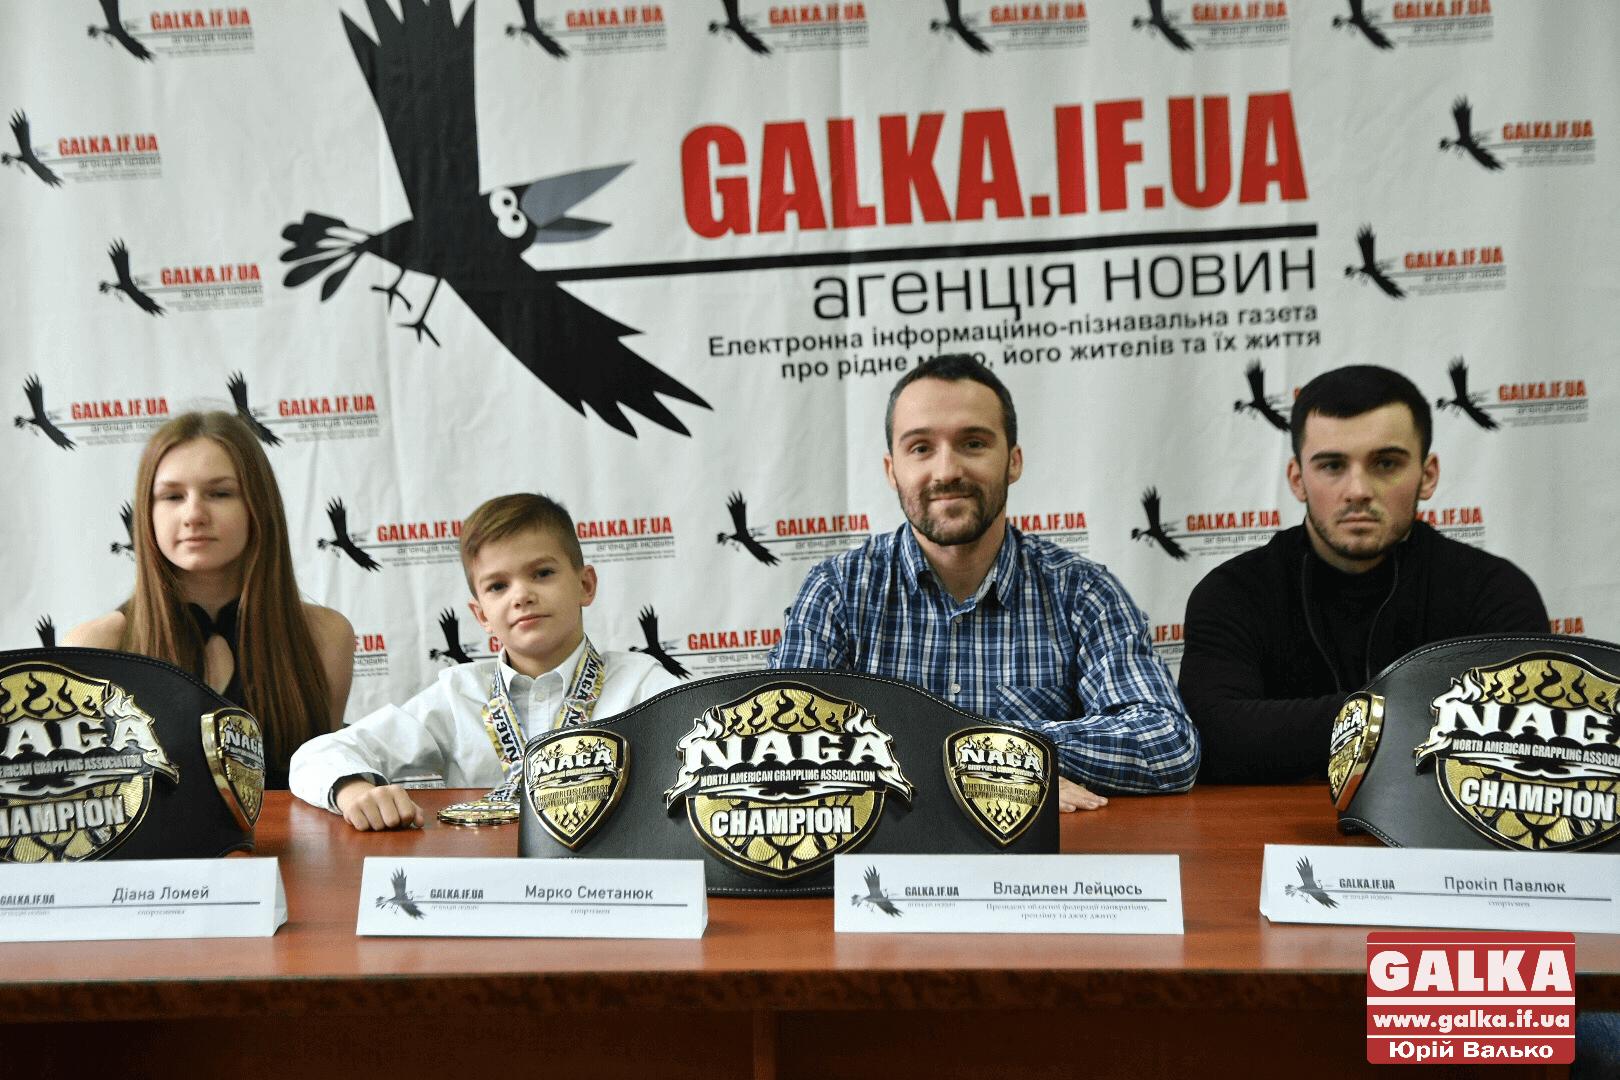 Прикарпатські спортсмени добули нагороди на Чемпіонаті з джиу-джитсу (відеосюжет)